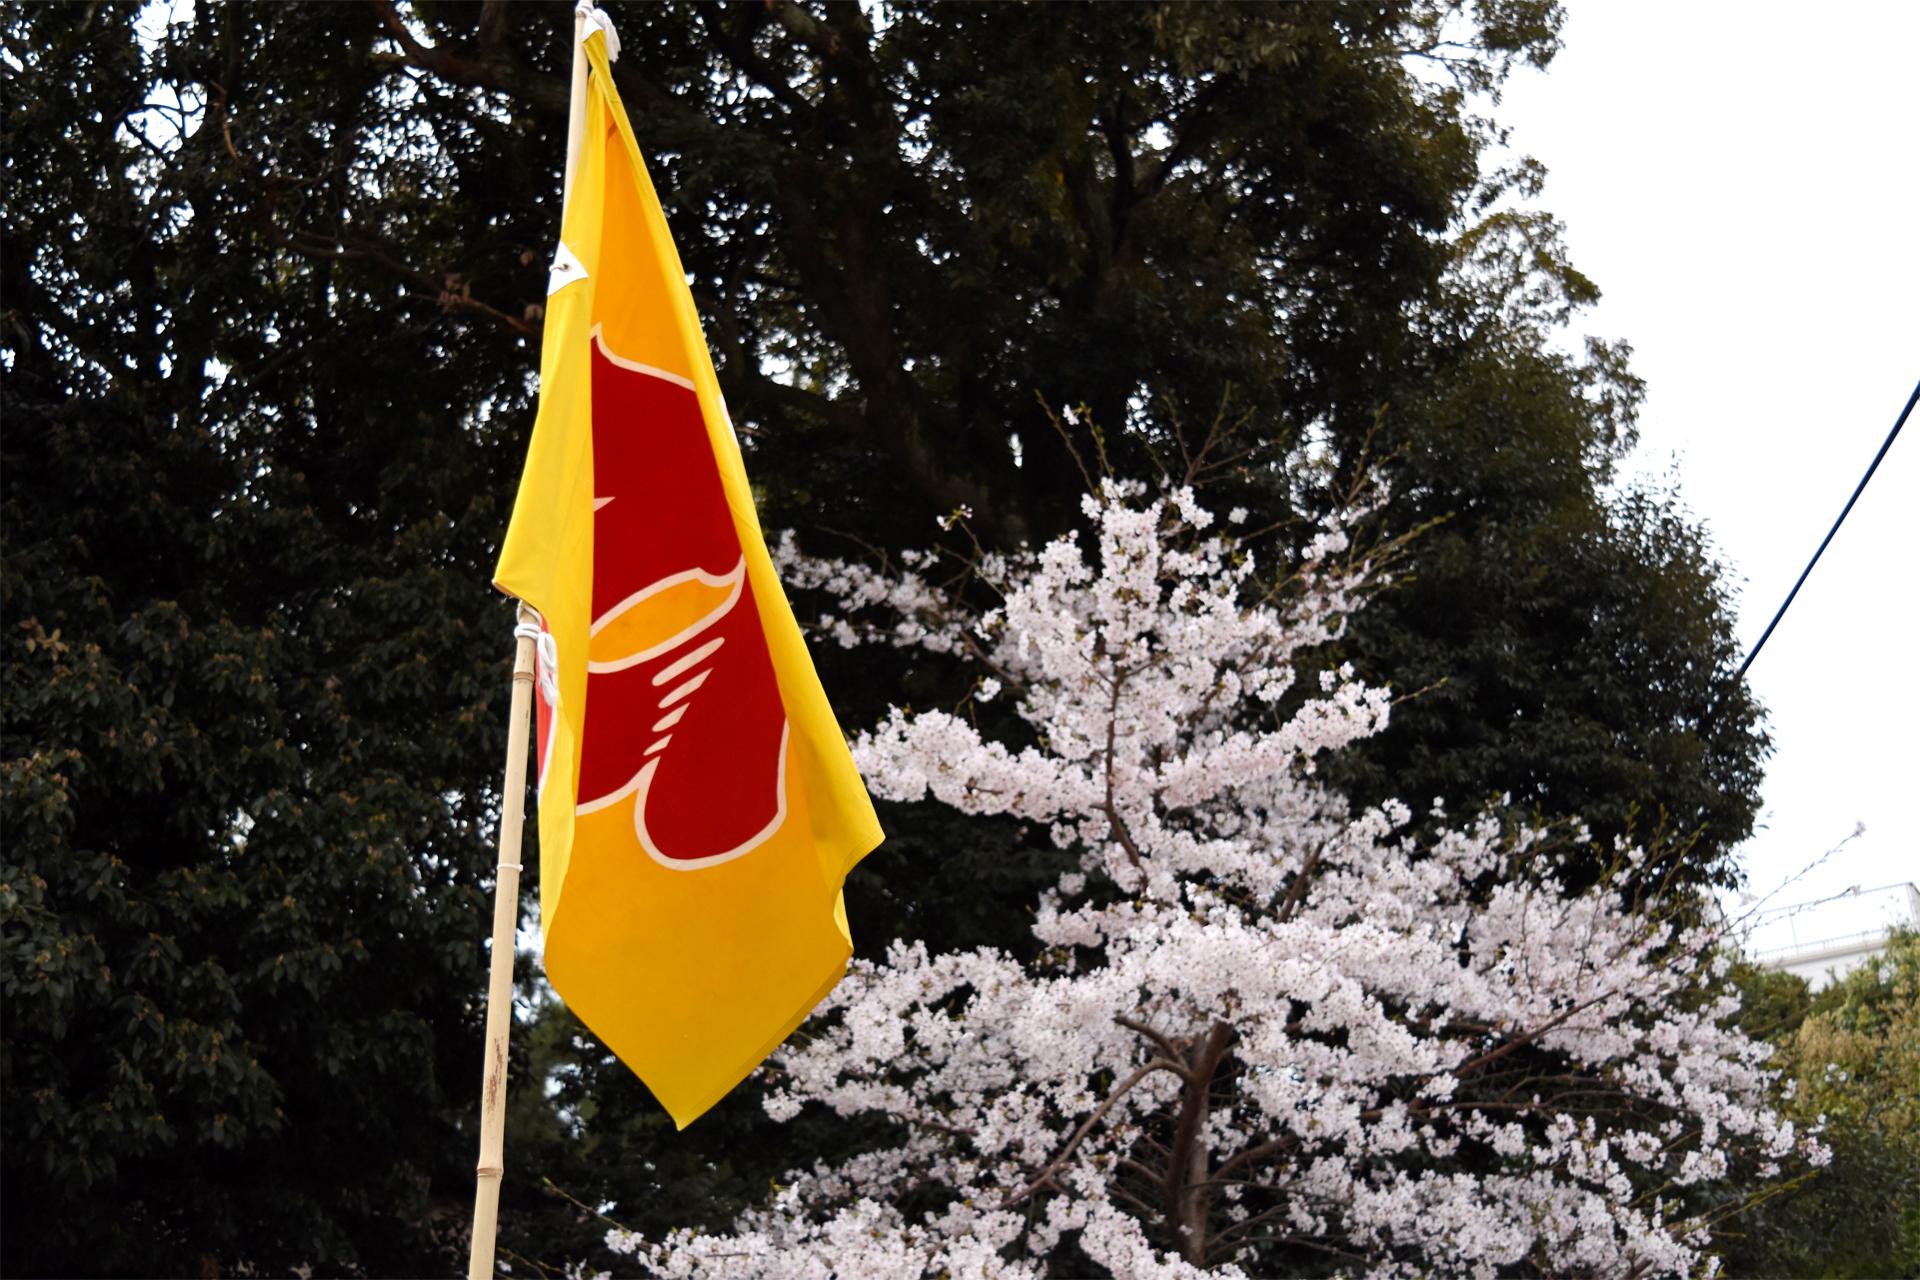 広沢町の旗と桜